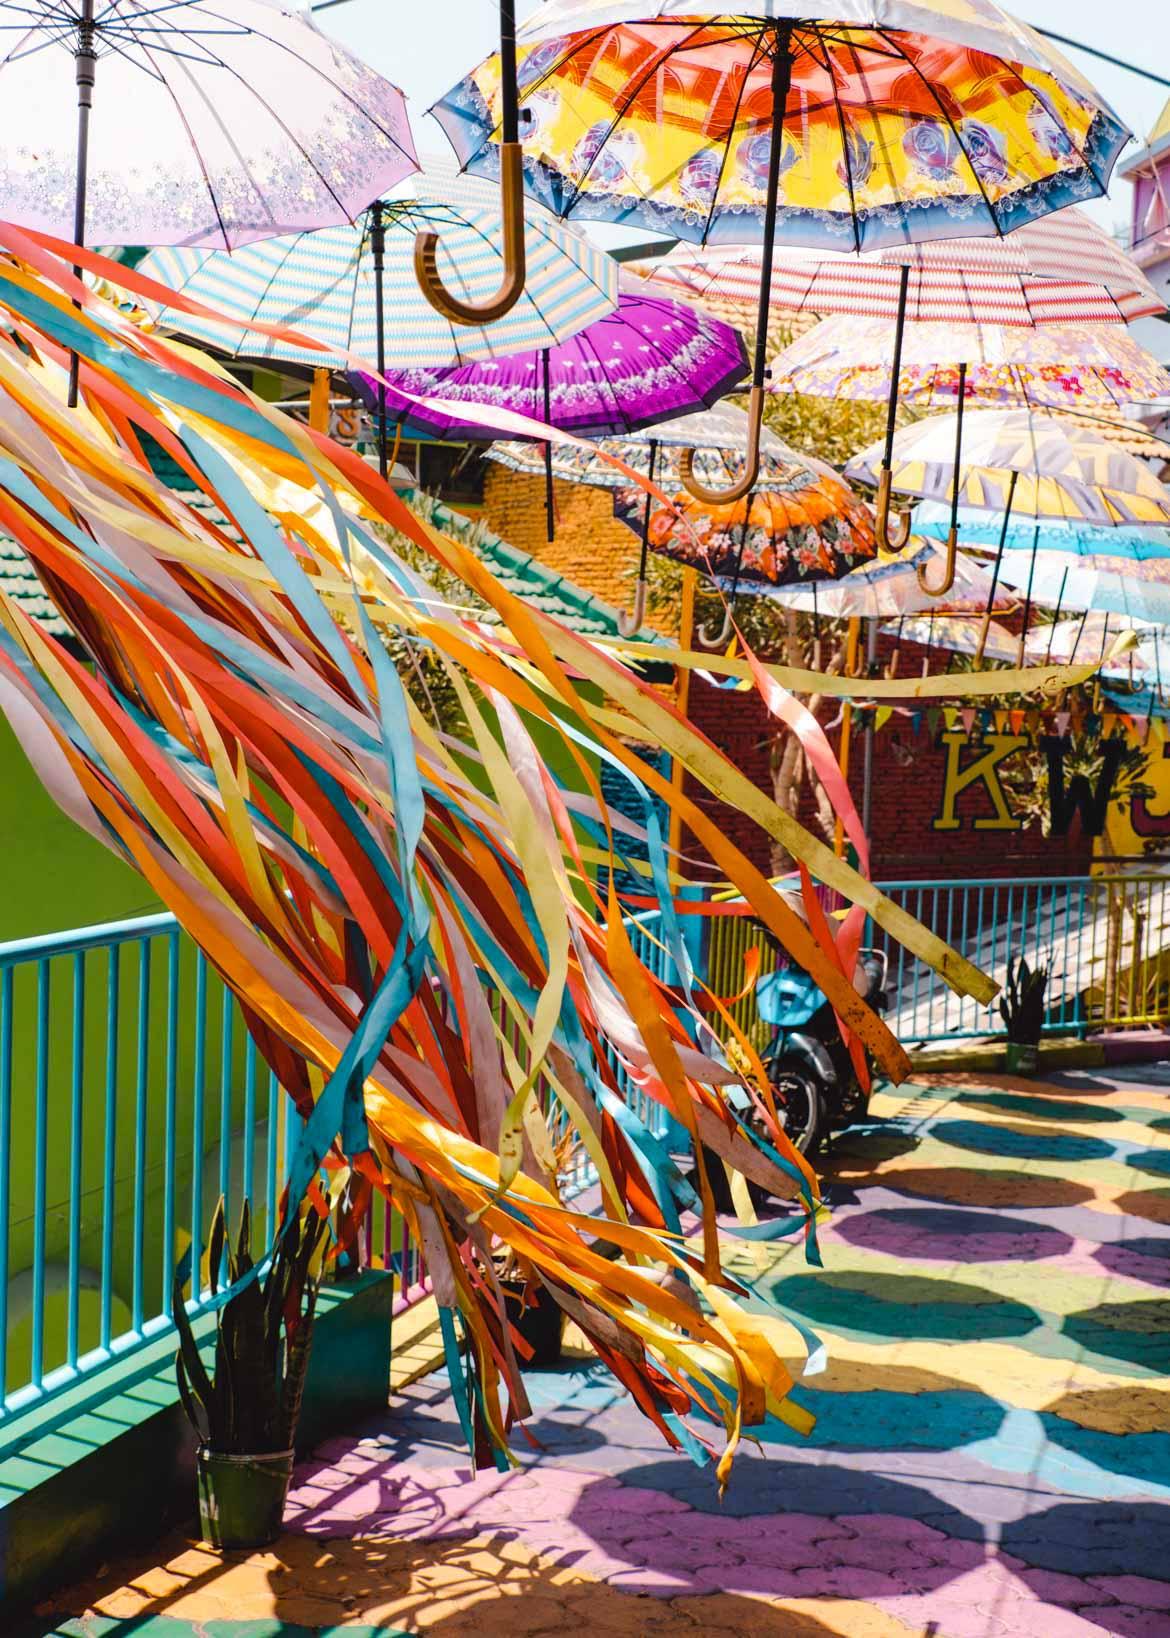 decorazioni rainbow village malang